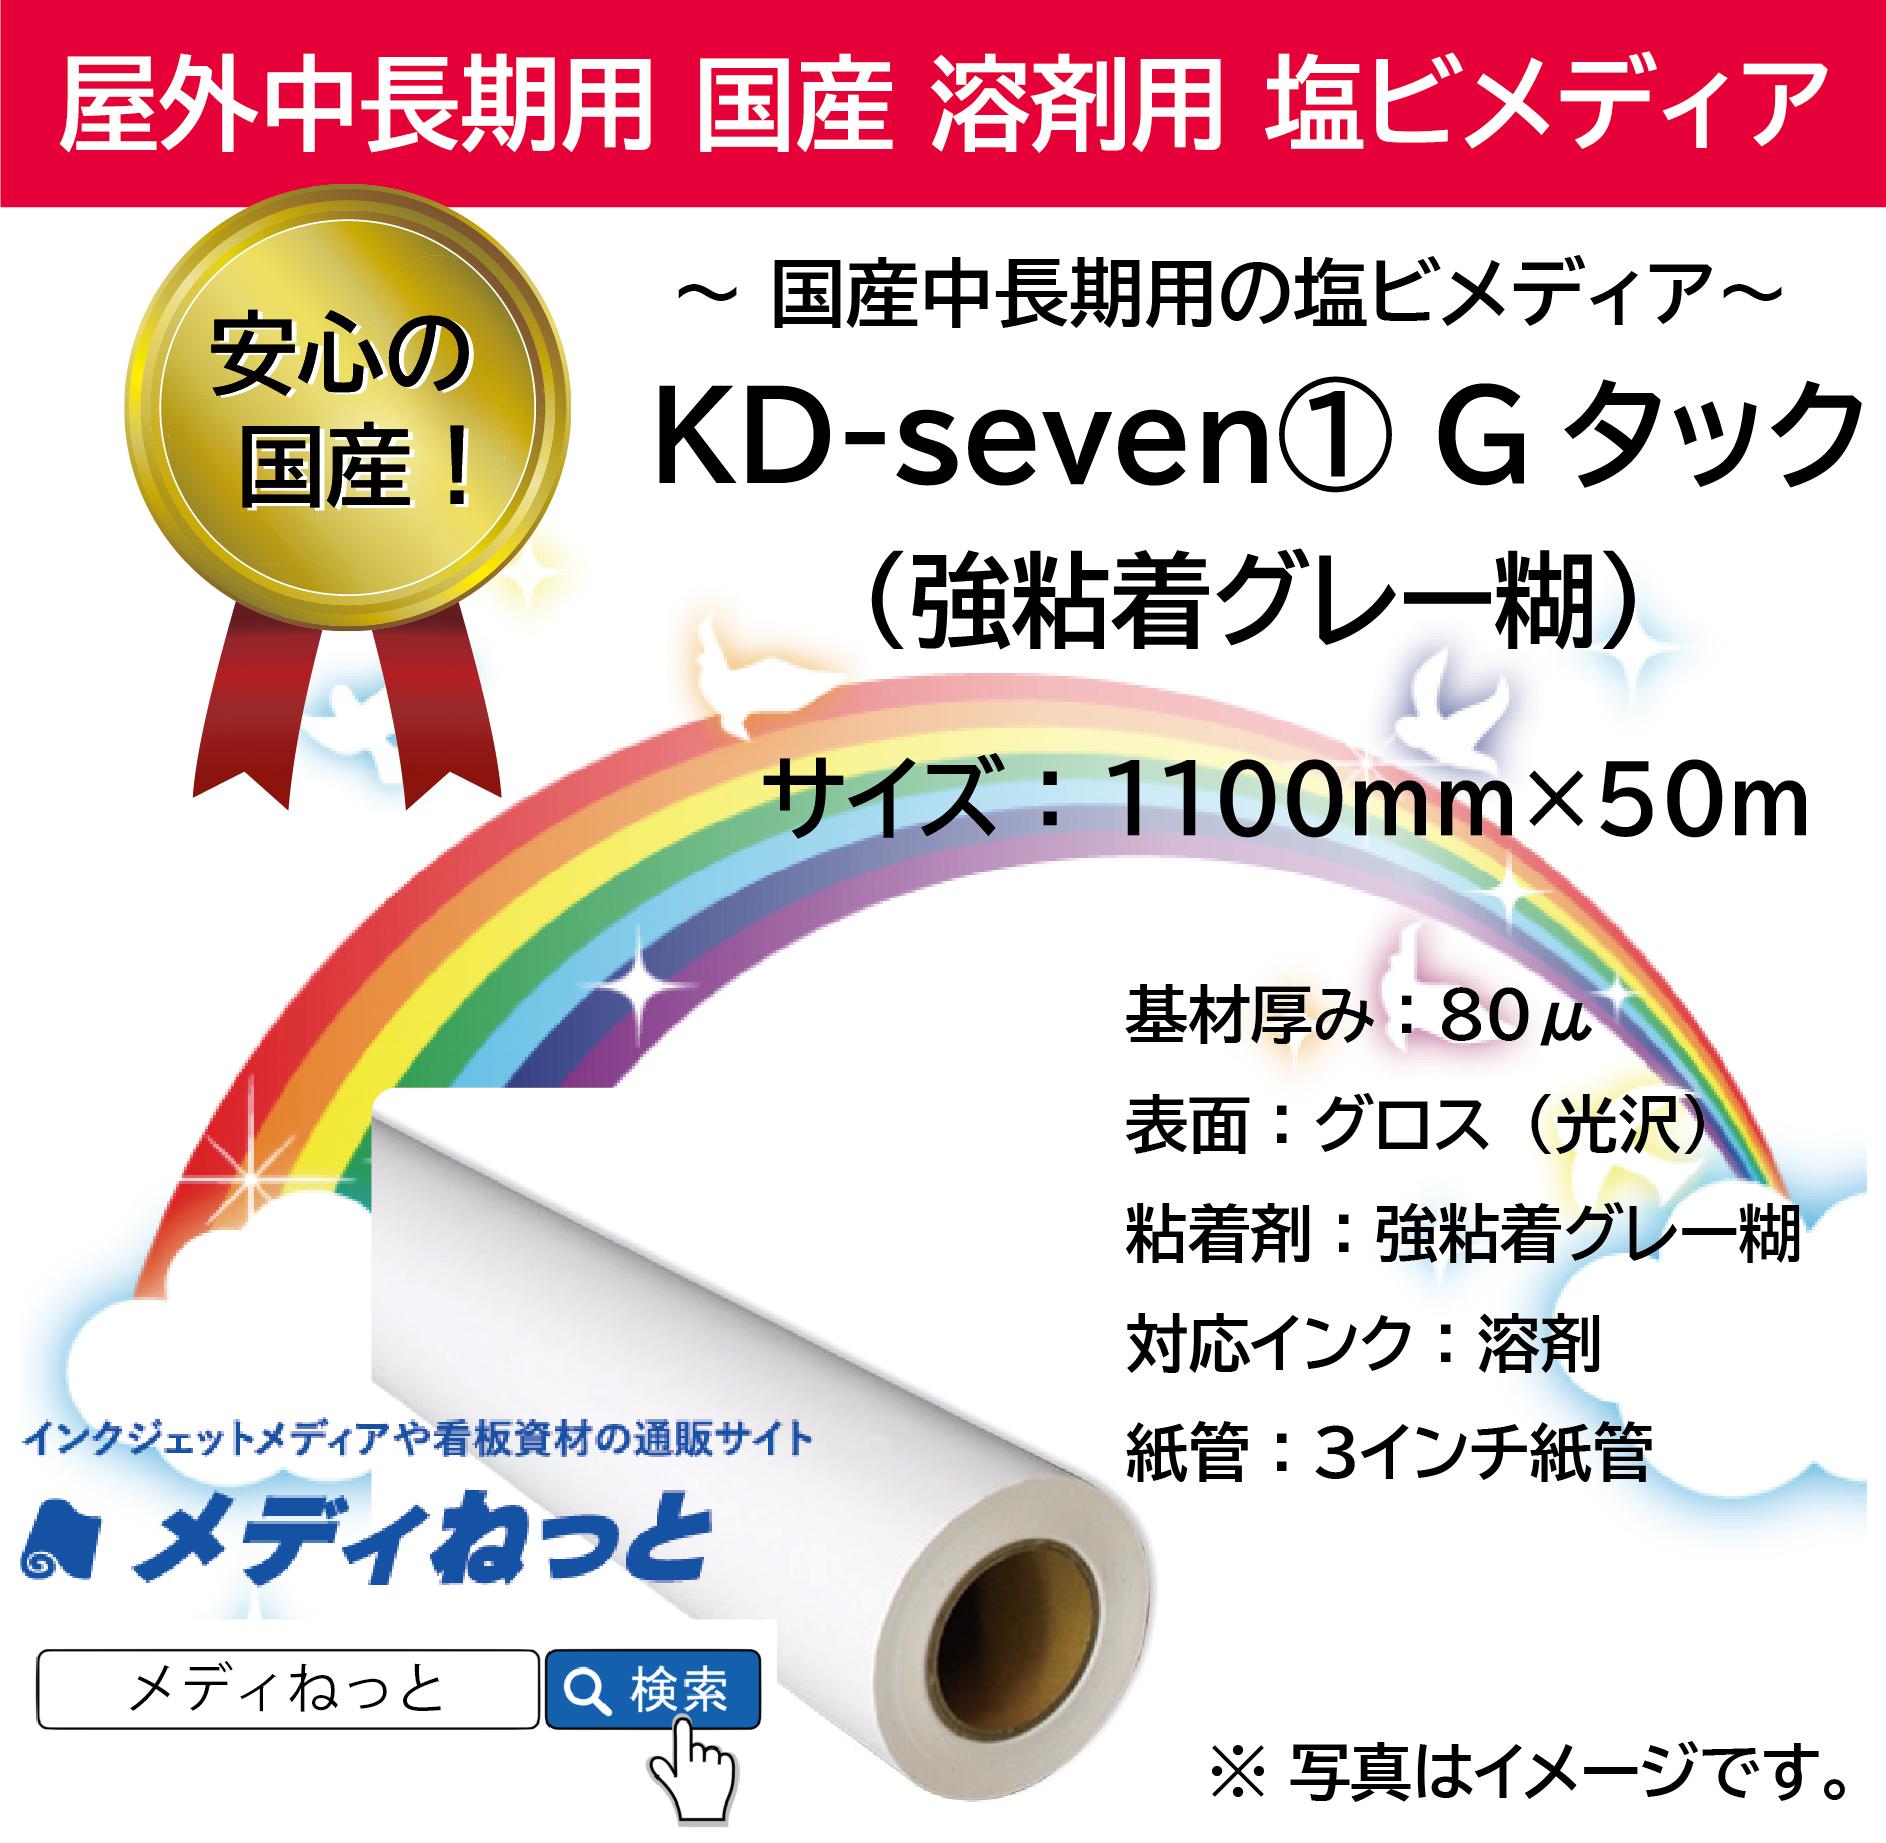 国産中長期グロス塩ビ(強粘着グレー糊) KD-seven1 Gタック 1100mm×50m